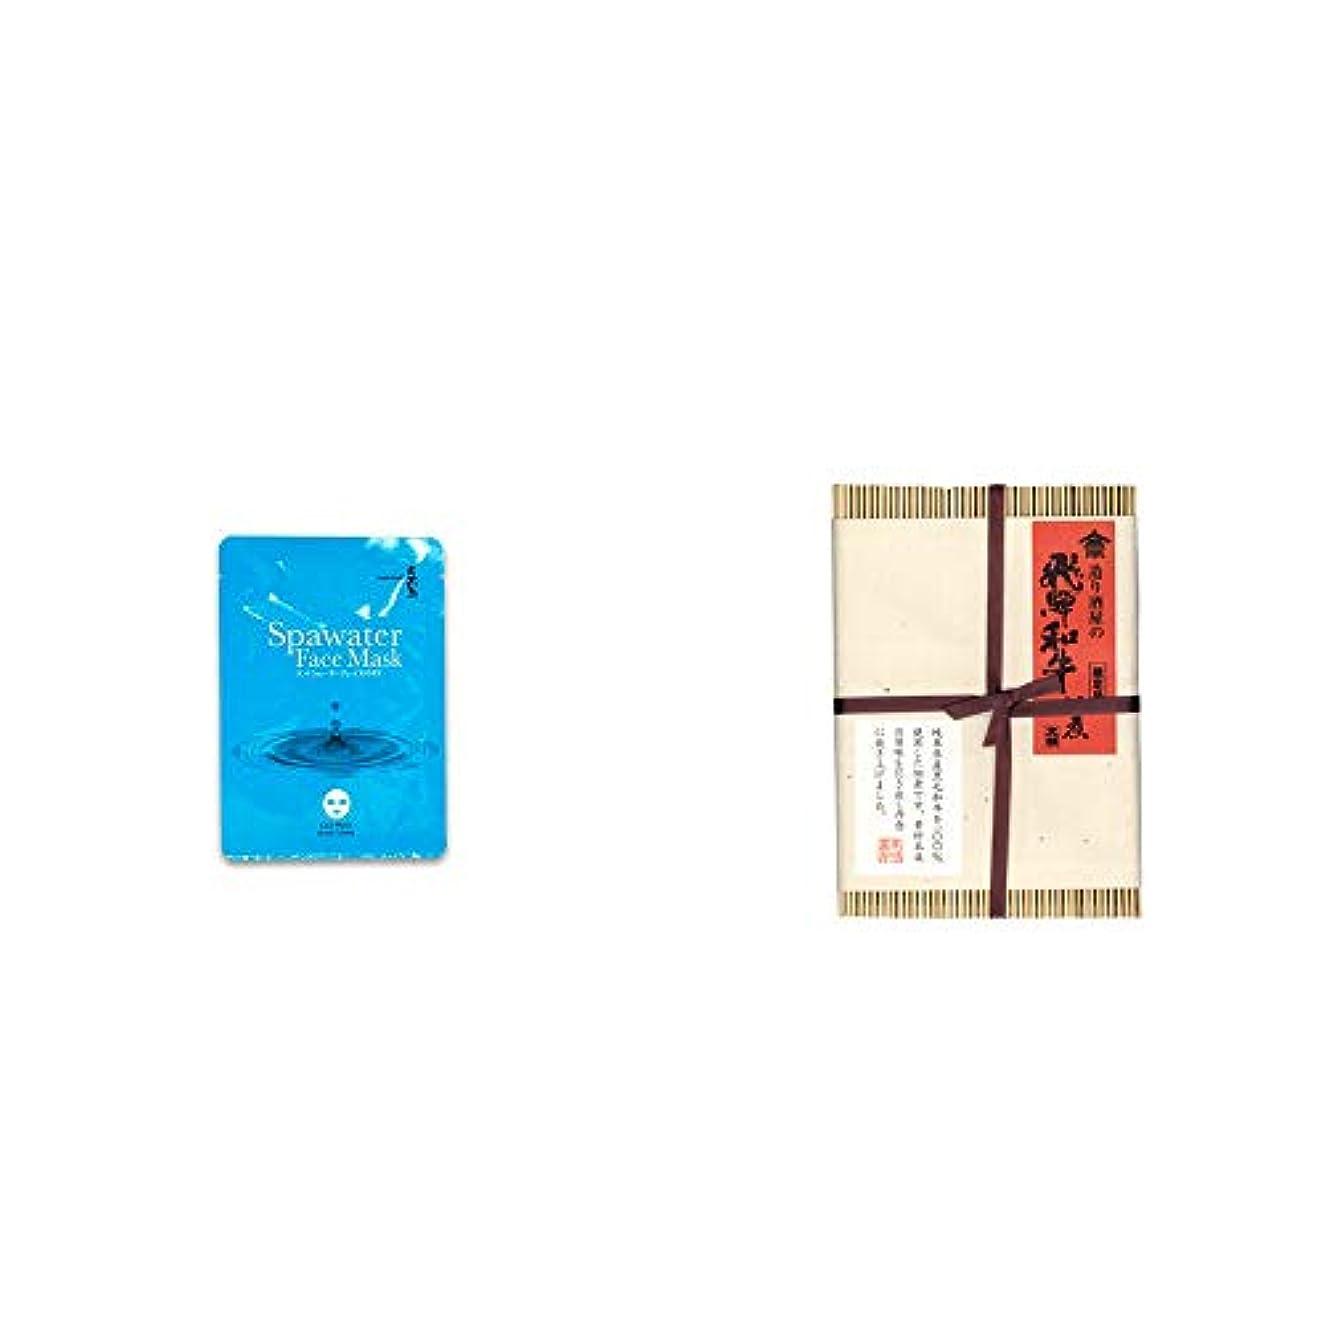 [2点セット] ひのき炭黒泉 スパウォーターフェイスマスク(18ml×3枚入)?天領酒造 造り酒屋の飛騨和牛佃煮(100g)